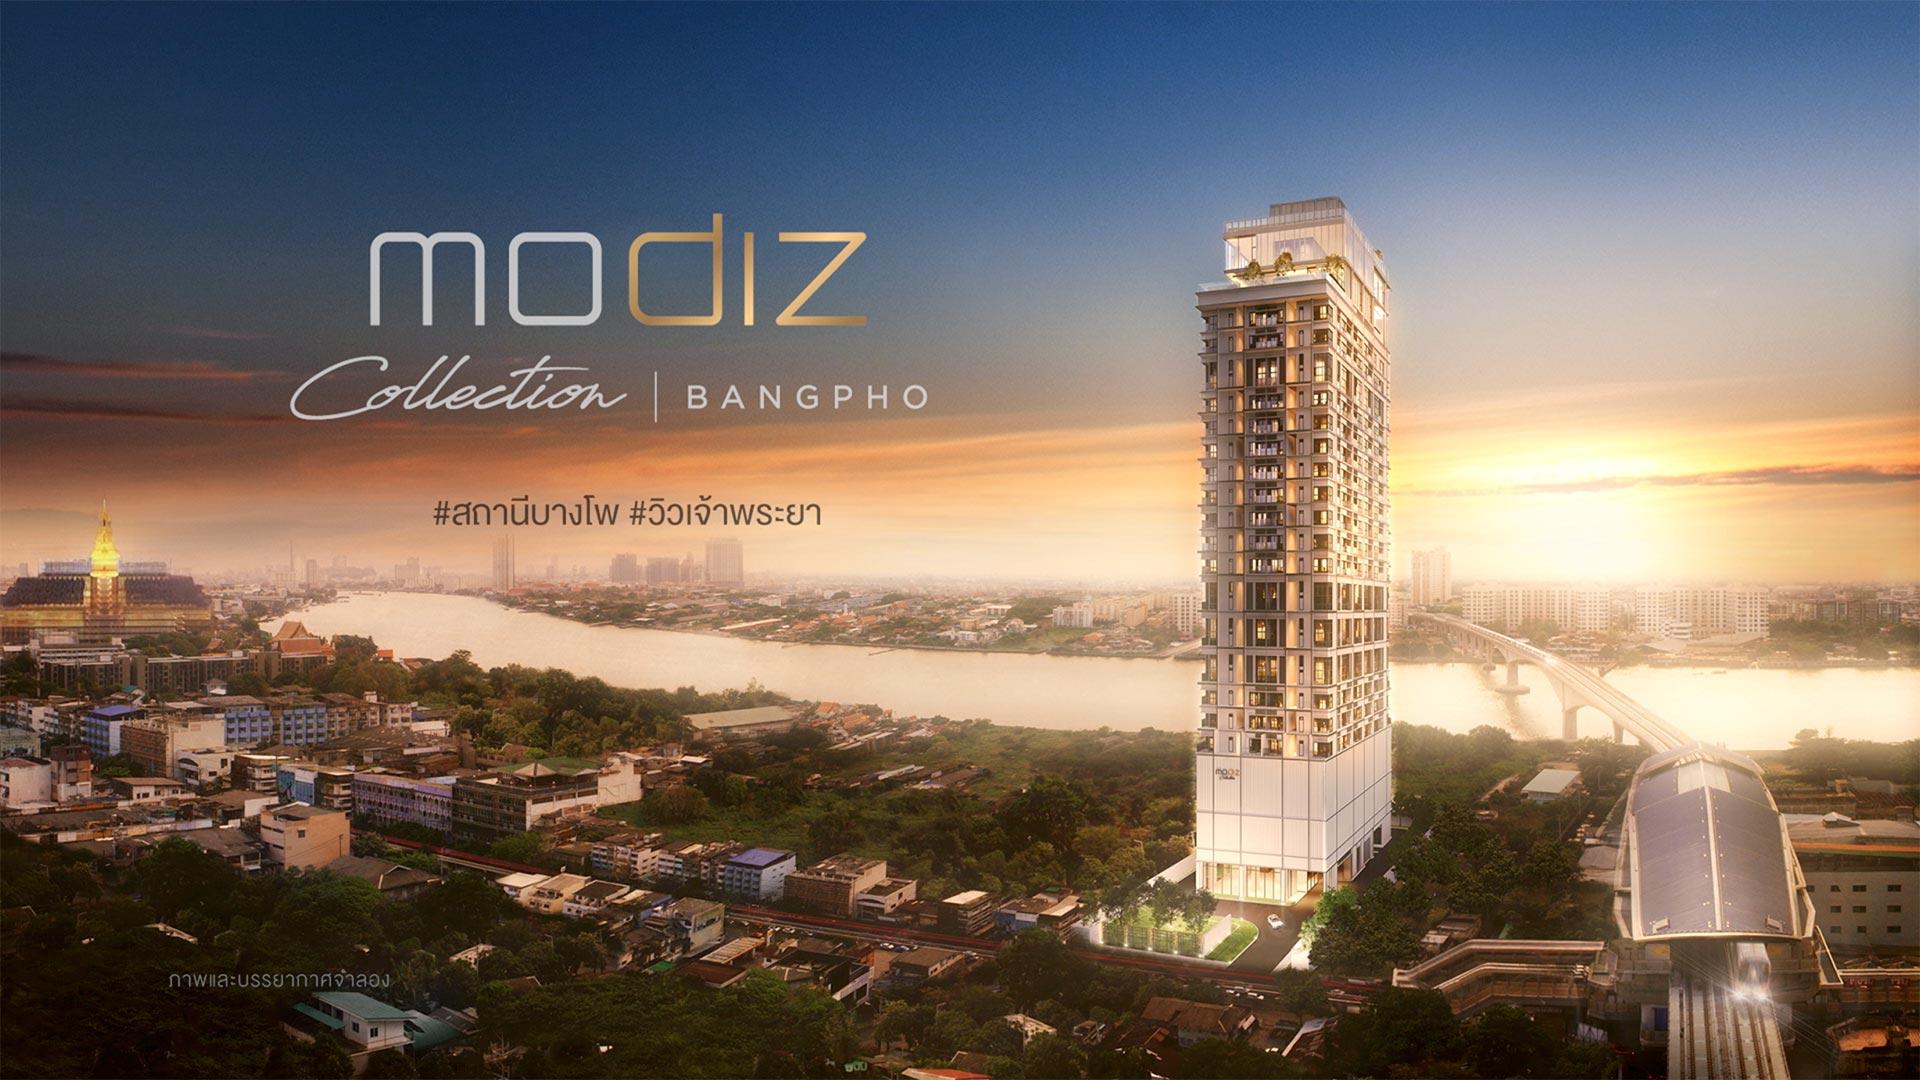 MODIZ Collection - conspiracy creative digital agency